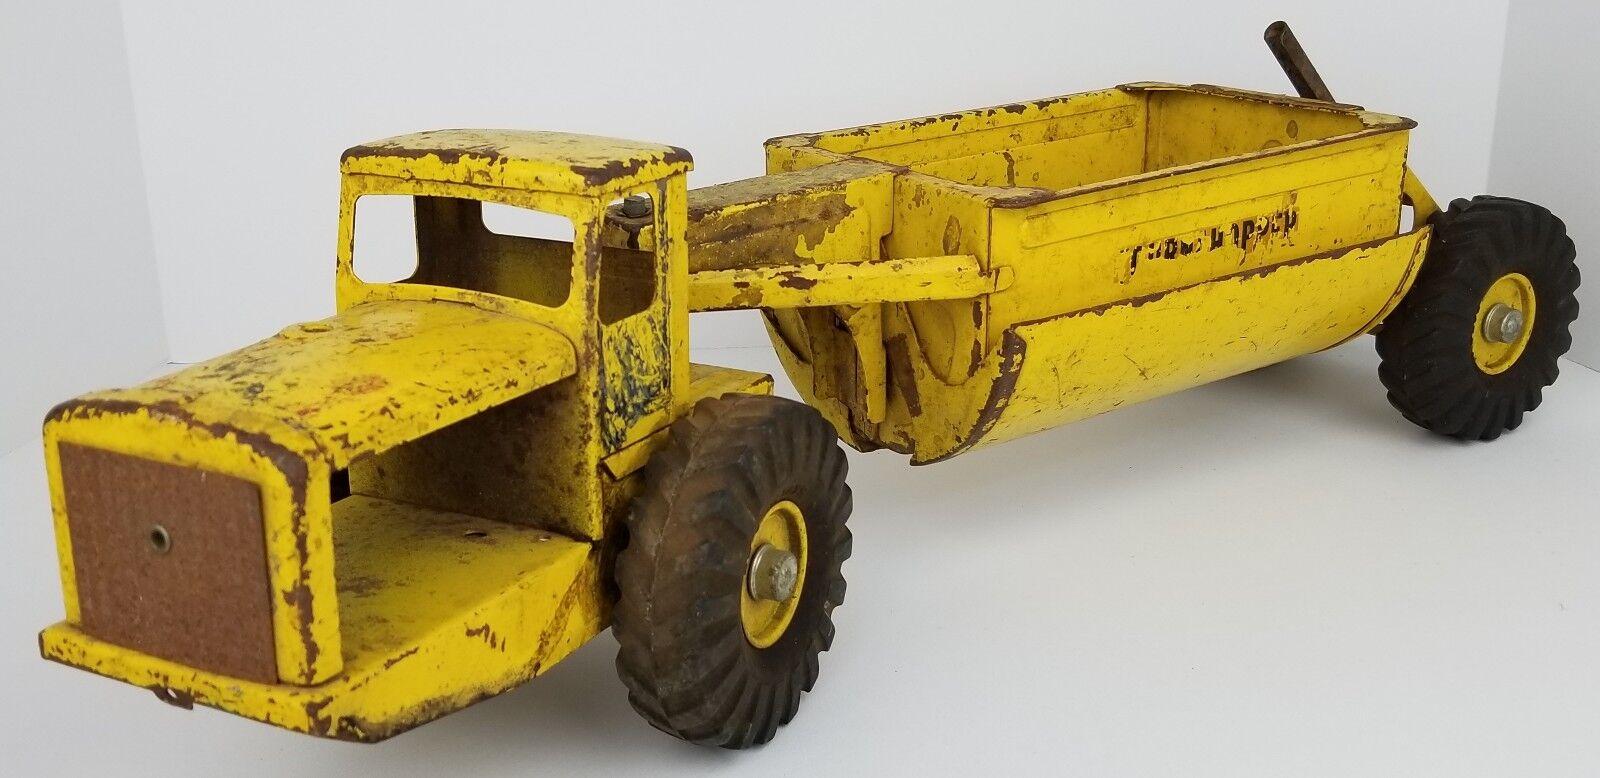 Vintage NYLINT JAUNE Pressé Acier tournahopper Belly Benne Tracteur effet vieilli